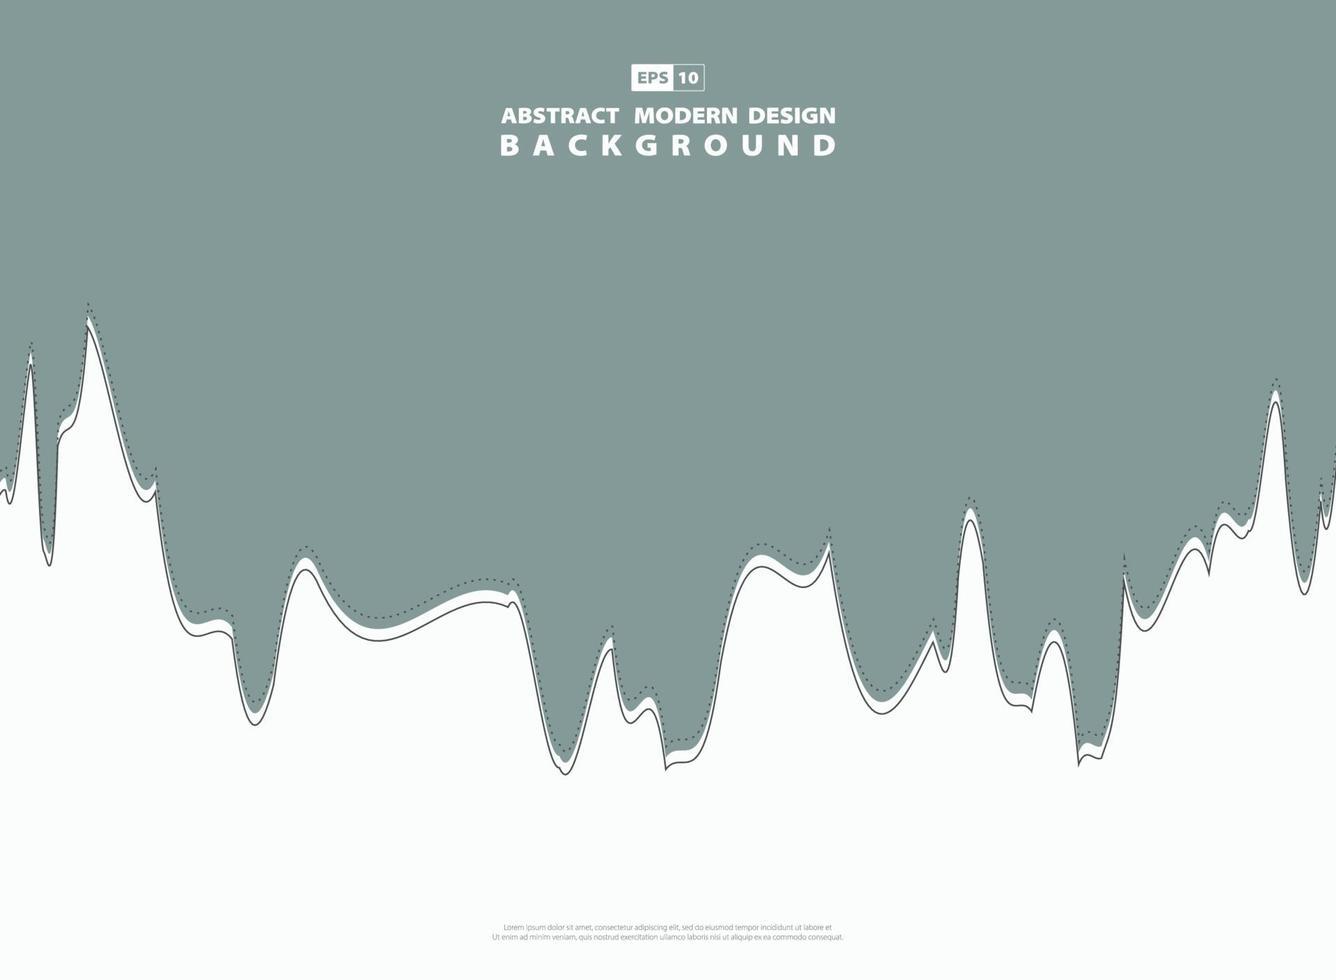 ligne de vague verte moderne abstraite de fond de contraste. illustration vectorielle vecteur